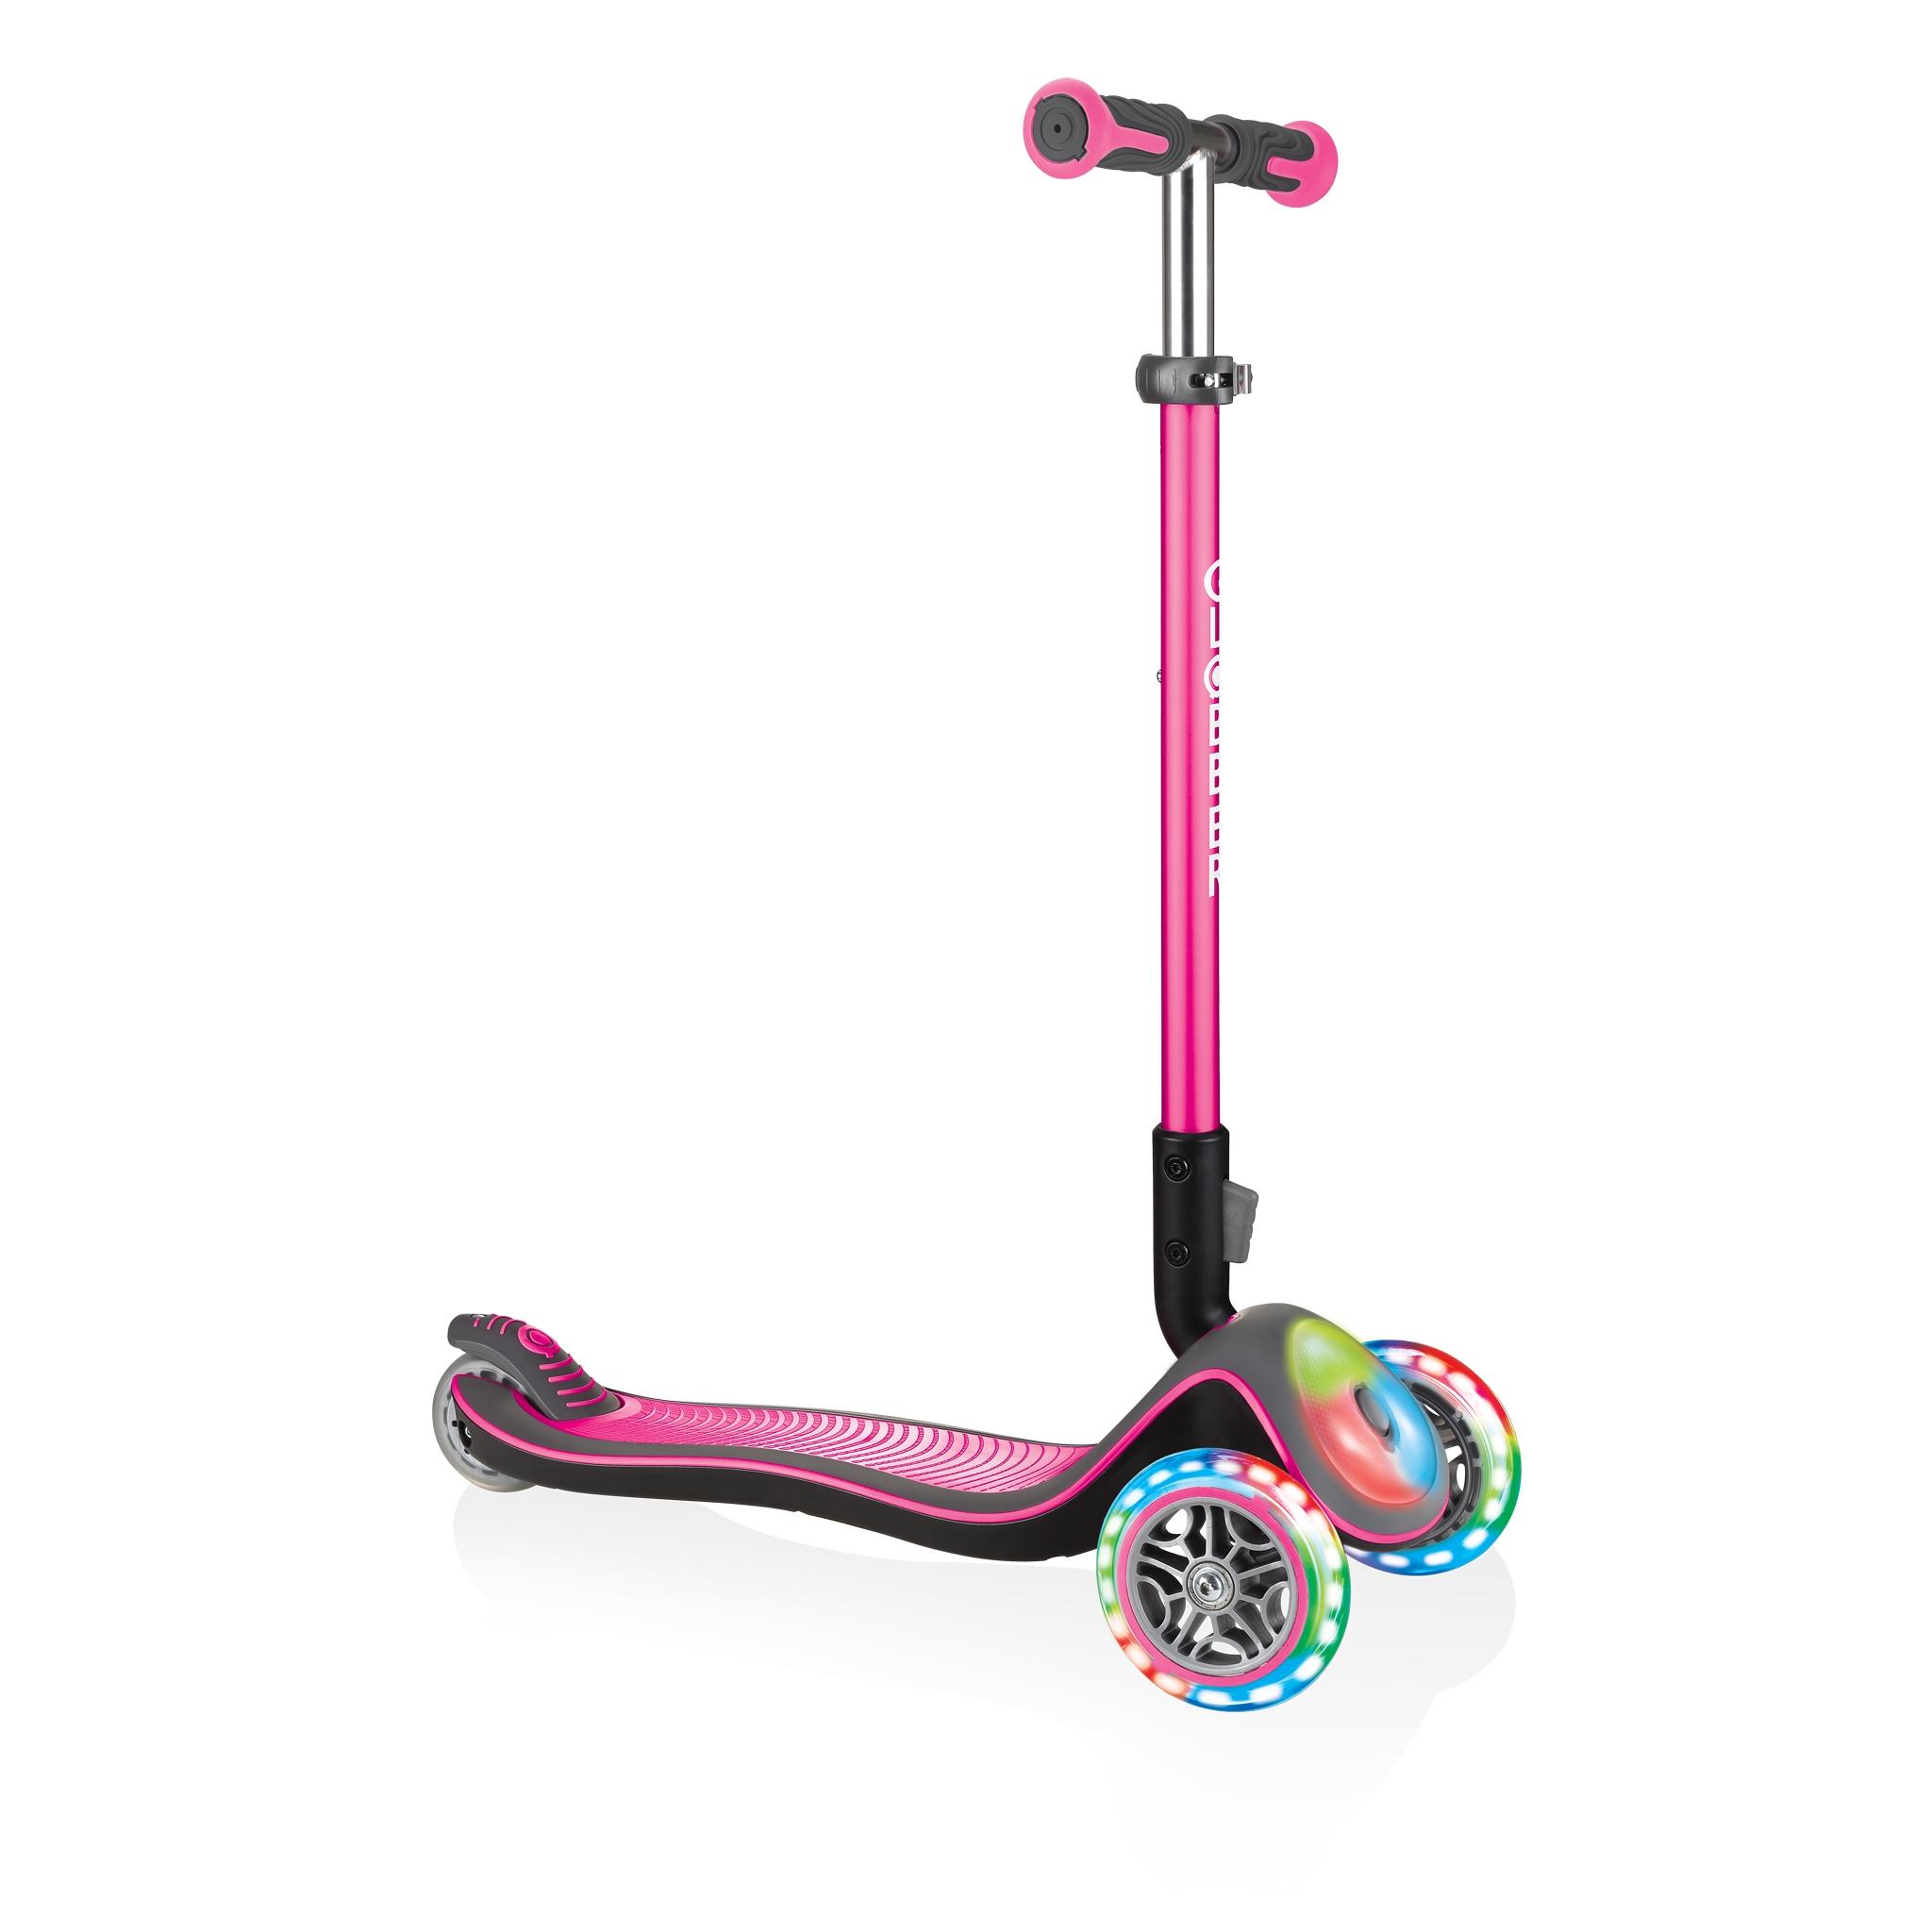 Купить Globber Самокат Elite Deluxe Flash Lights, со светящейся платформой и колесами, розовый, Китай